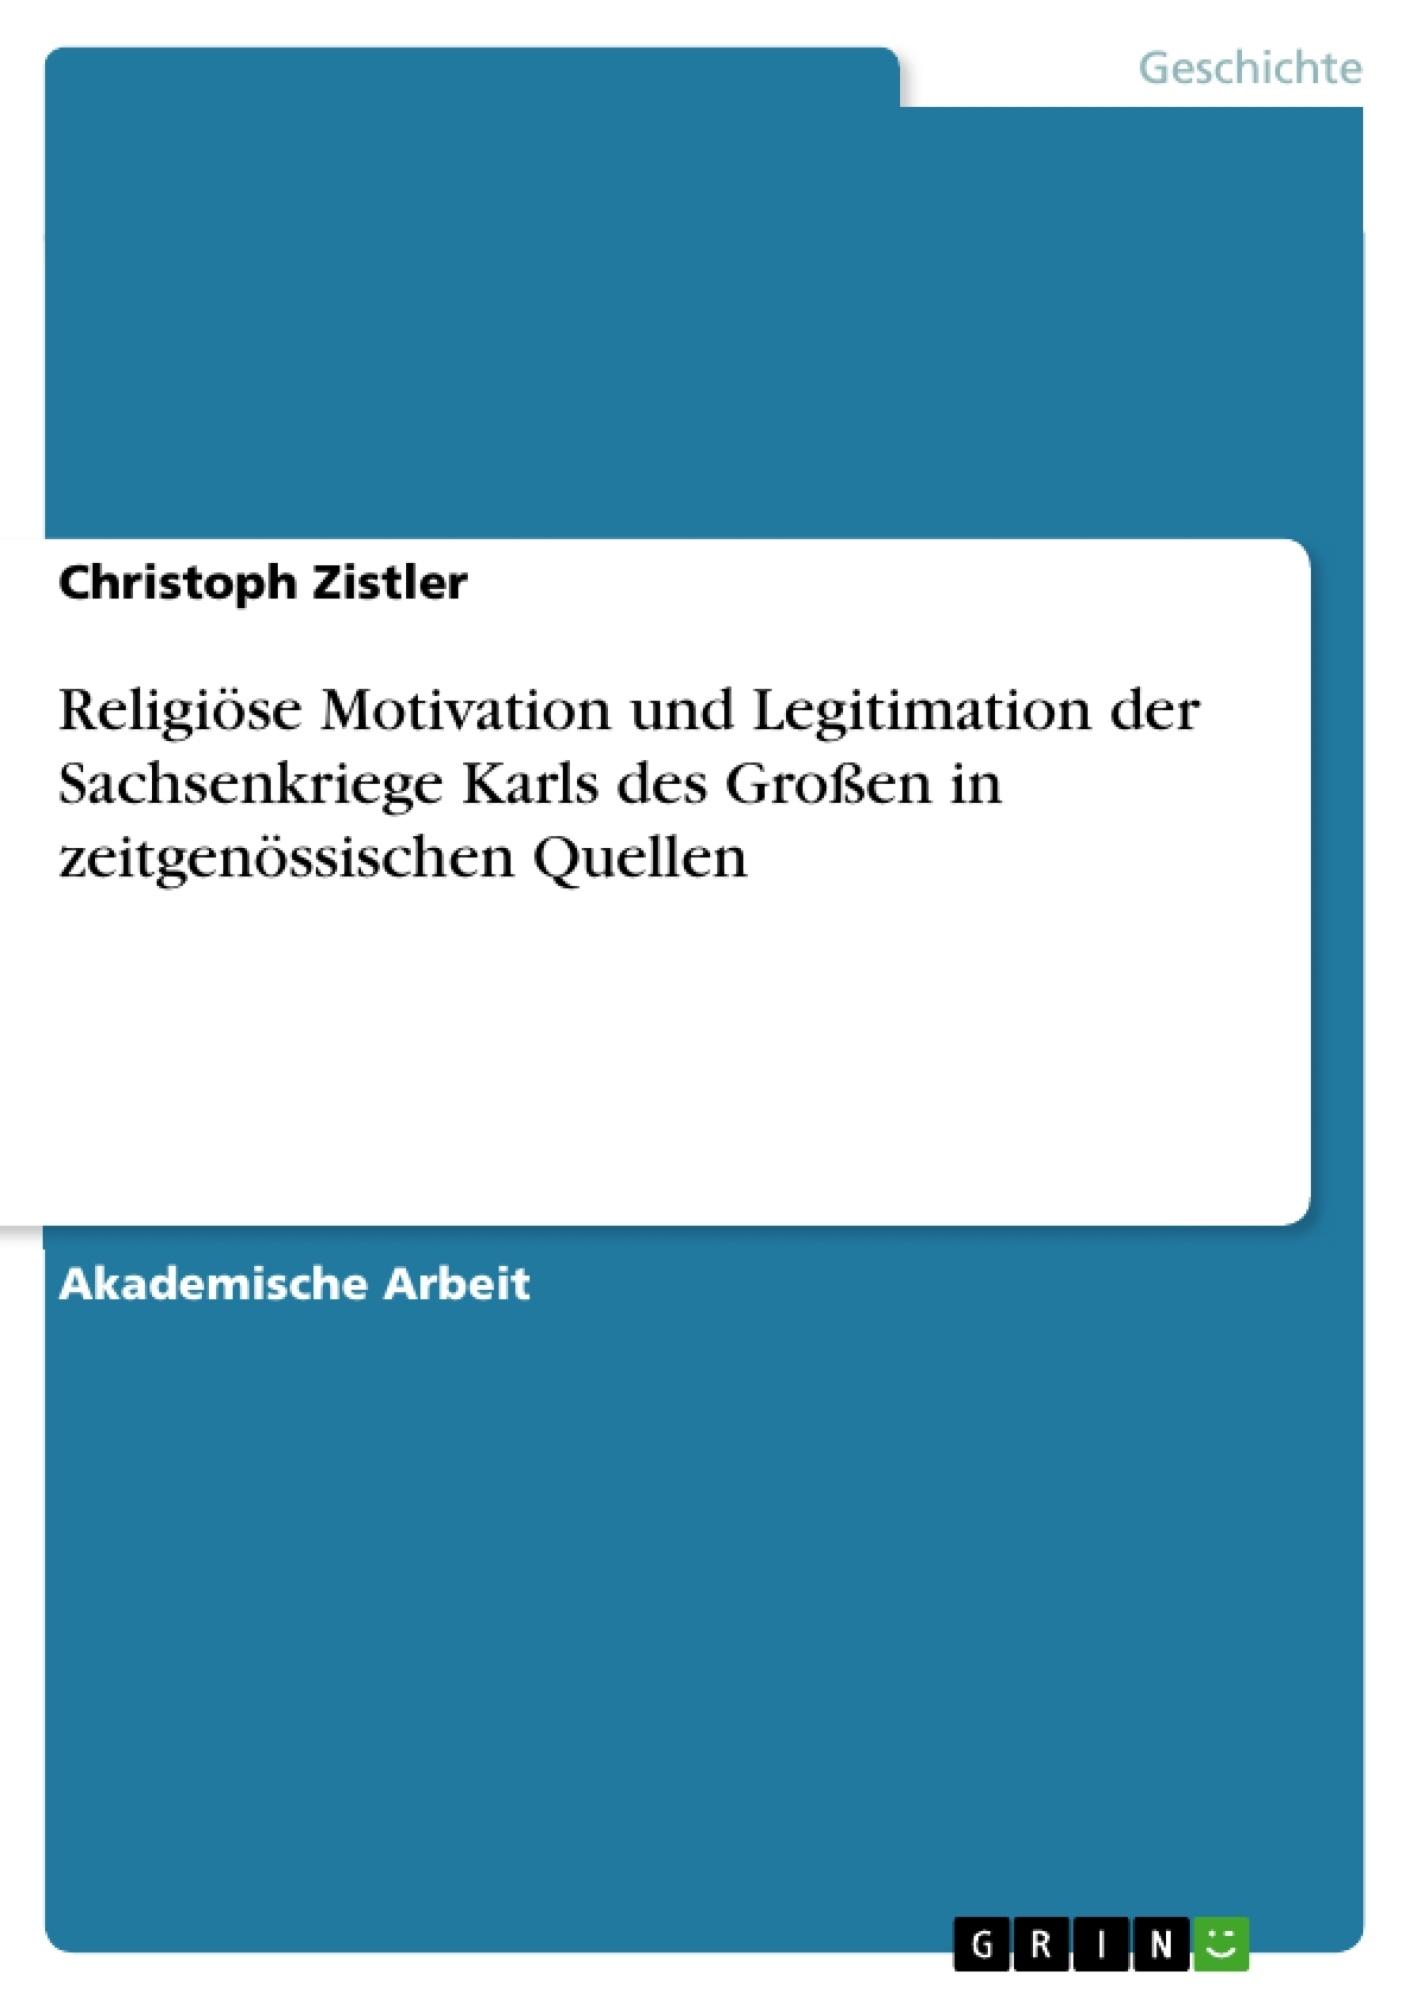 Titel: Religiöse Motivation und Legitimation der Sachsenkriege Karls des Großen in zeitgenössischen Quellen